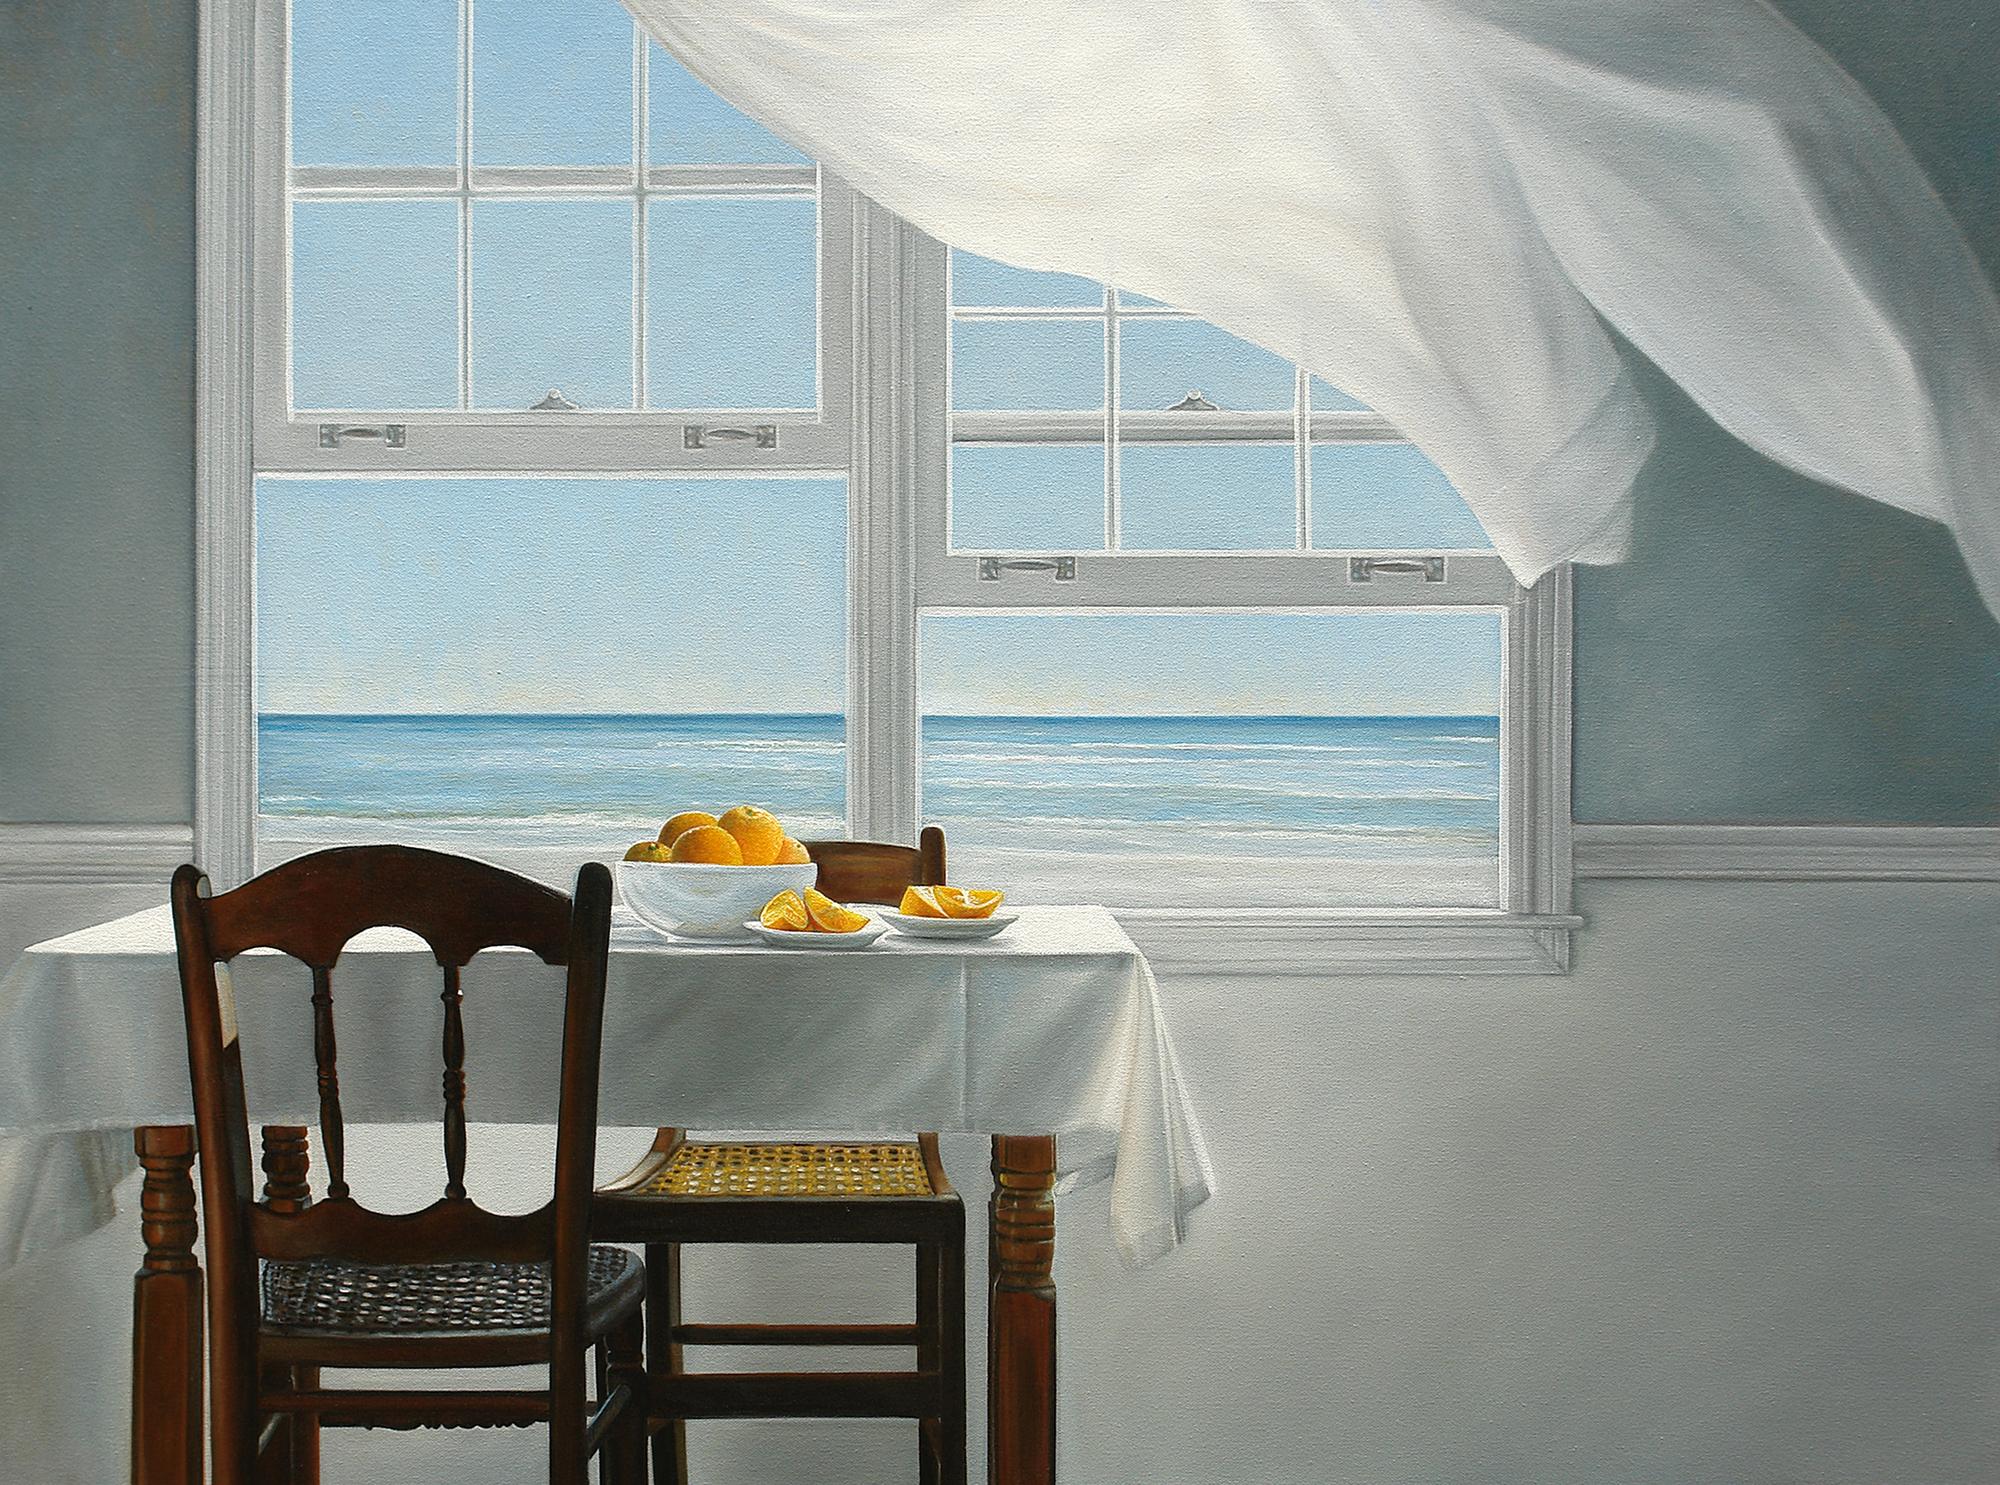 Companions | 30 x 40 | Oil on canvas